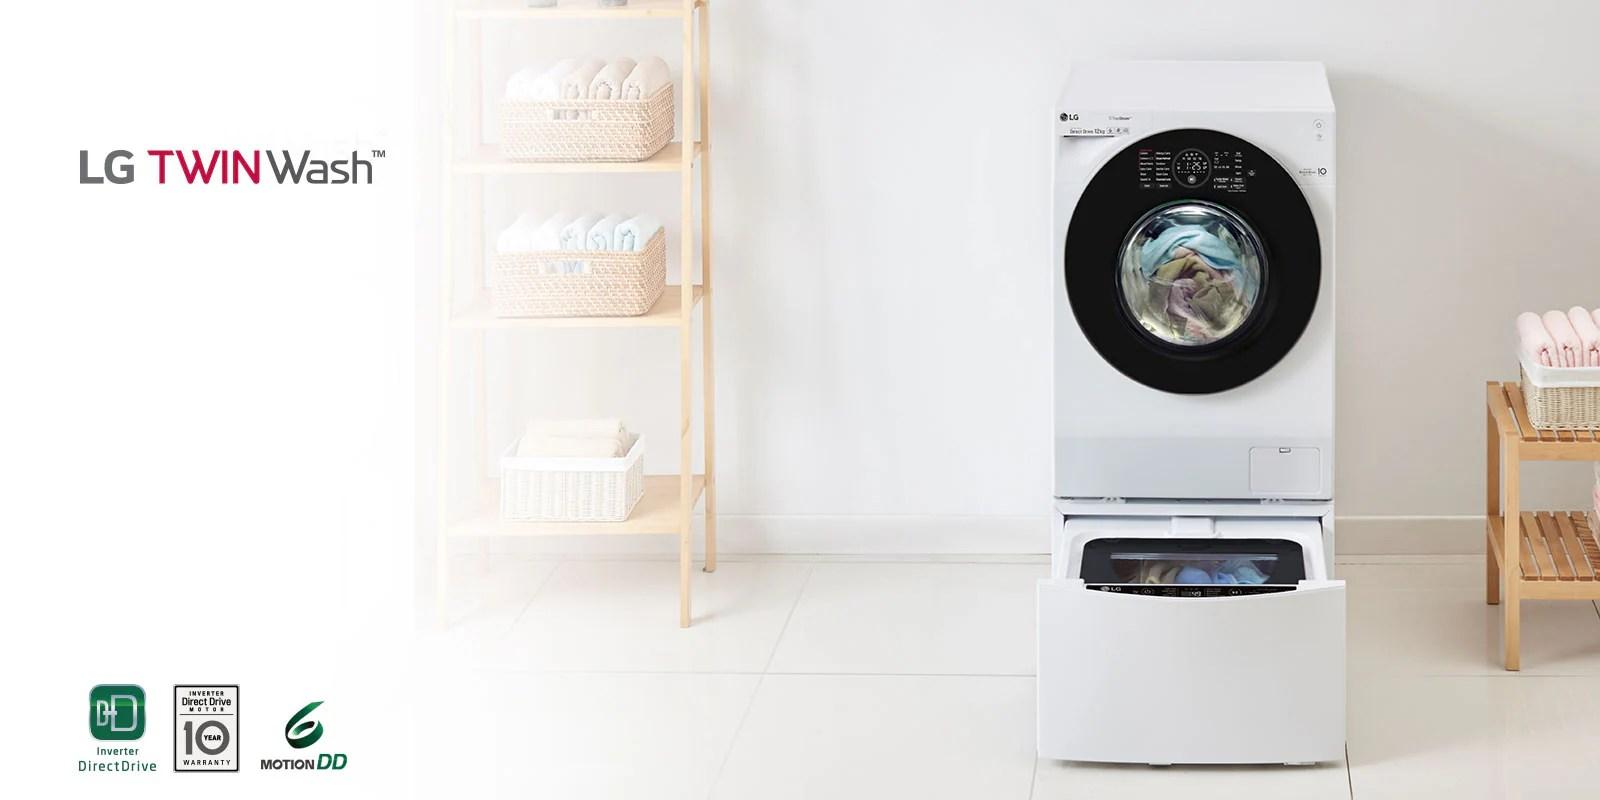 Waschmaschine Mit Zwei Trommeln | Twinwash™ | Lg